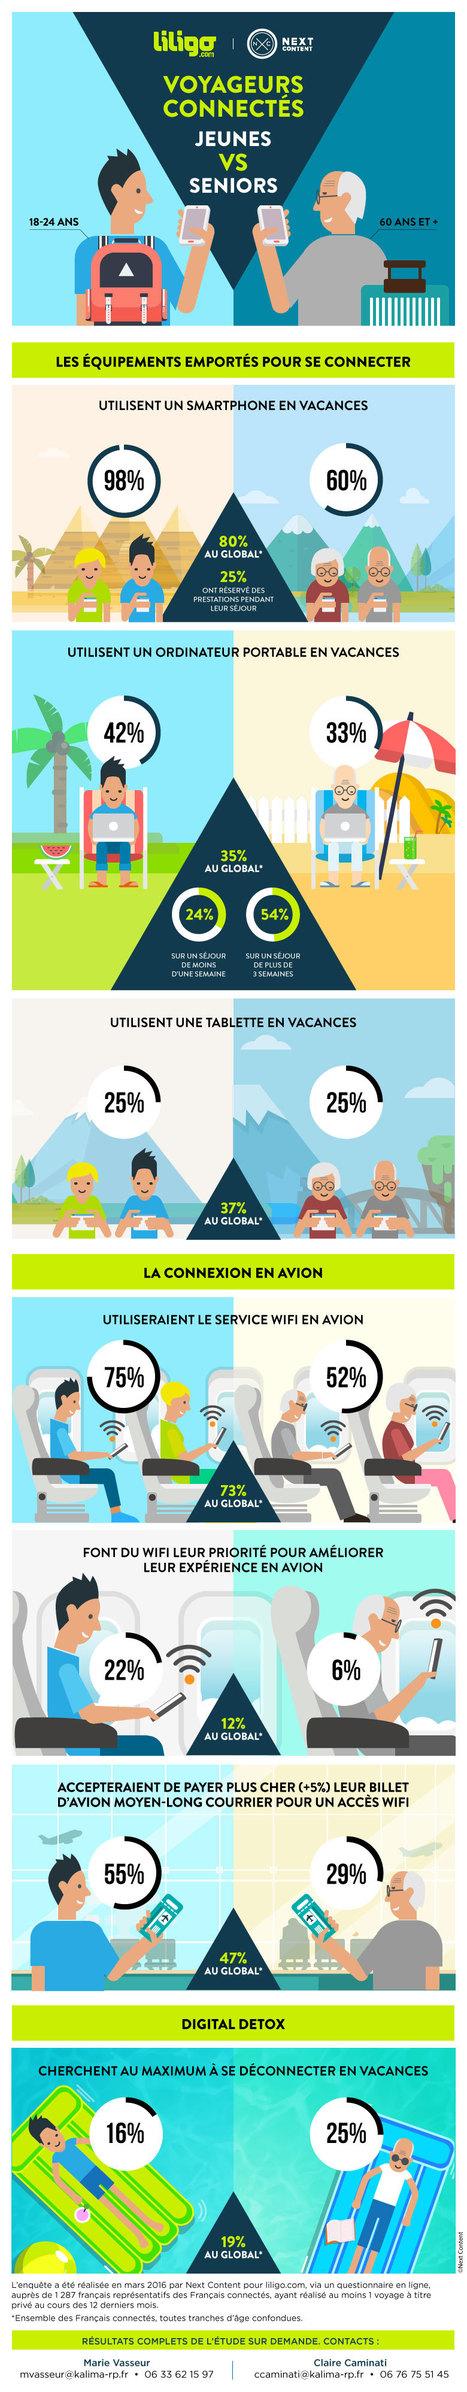 E-tourisme : Jeune Vs Sénior | Revue de presse | Scoop.it